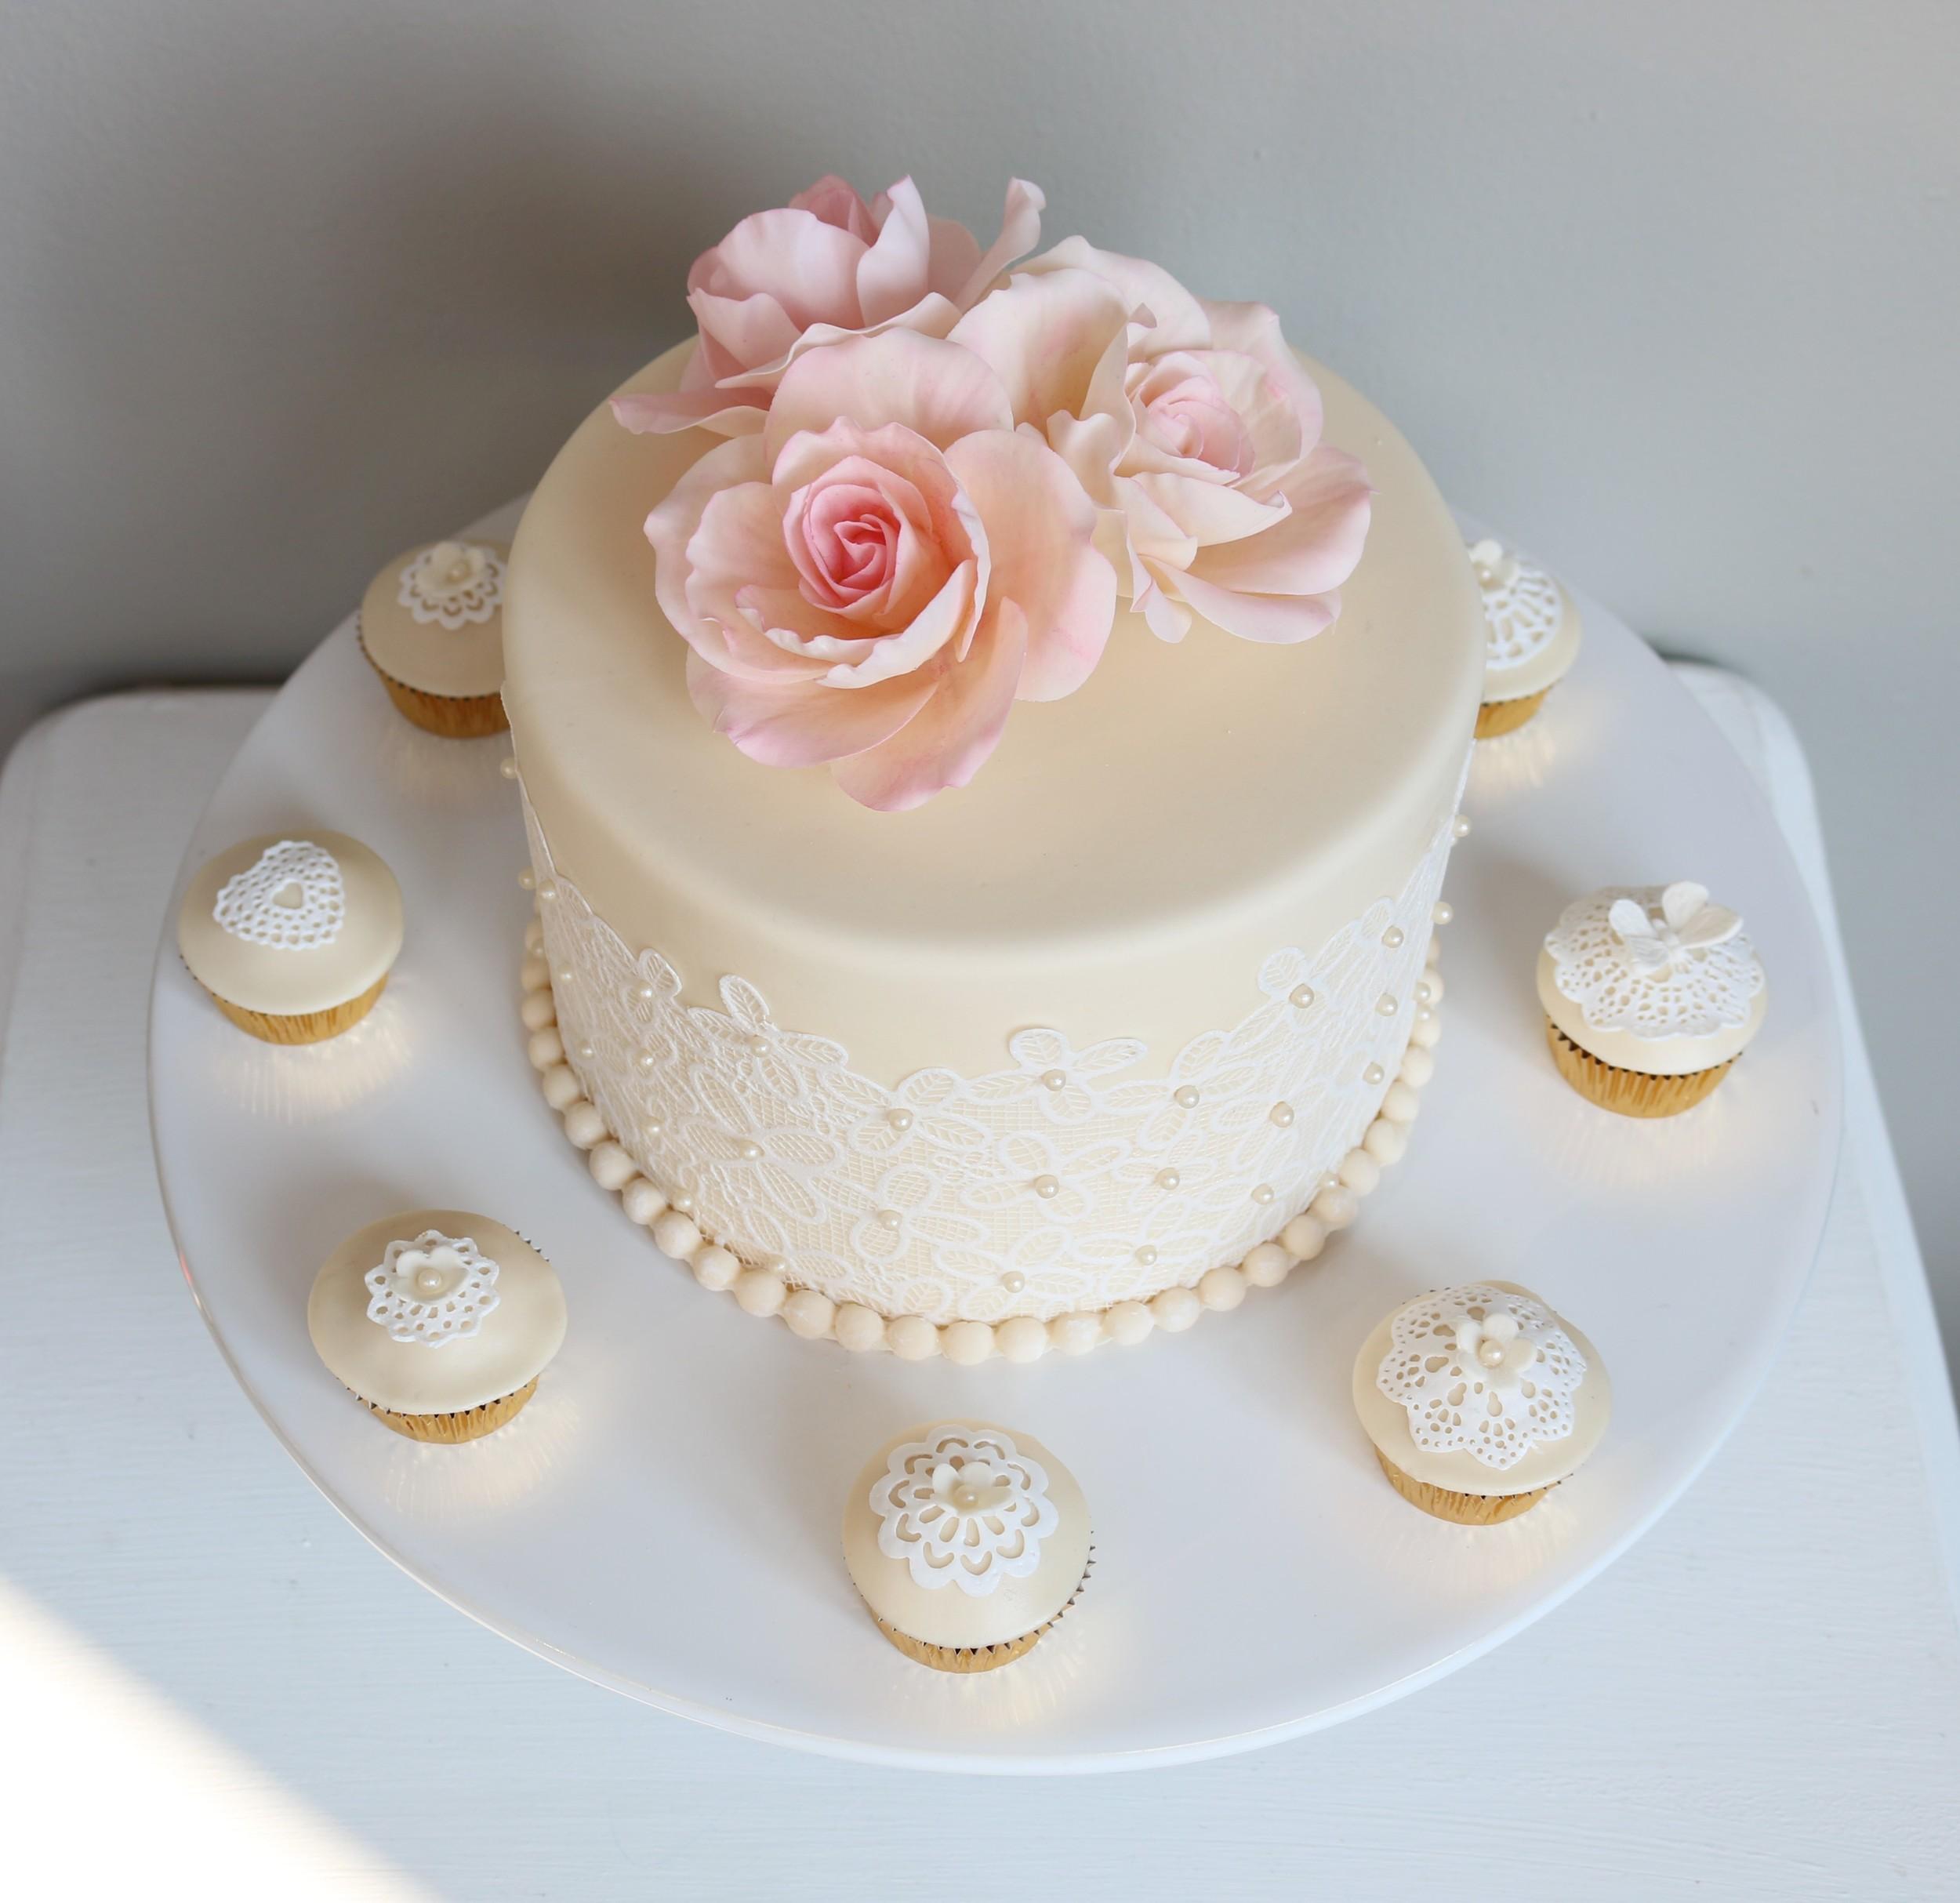 Kleine Hochzeitstorte mit passenden Cupcakes  Barbara Aletter  Patisserie  Hochzeitstorten